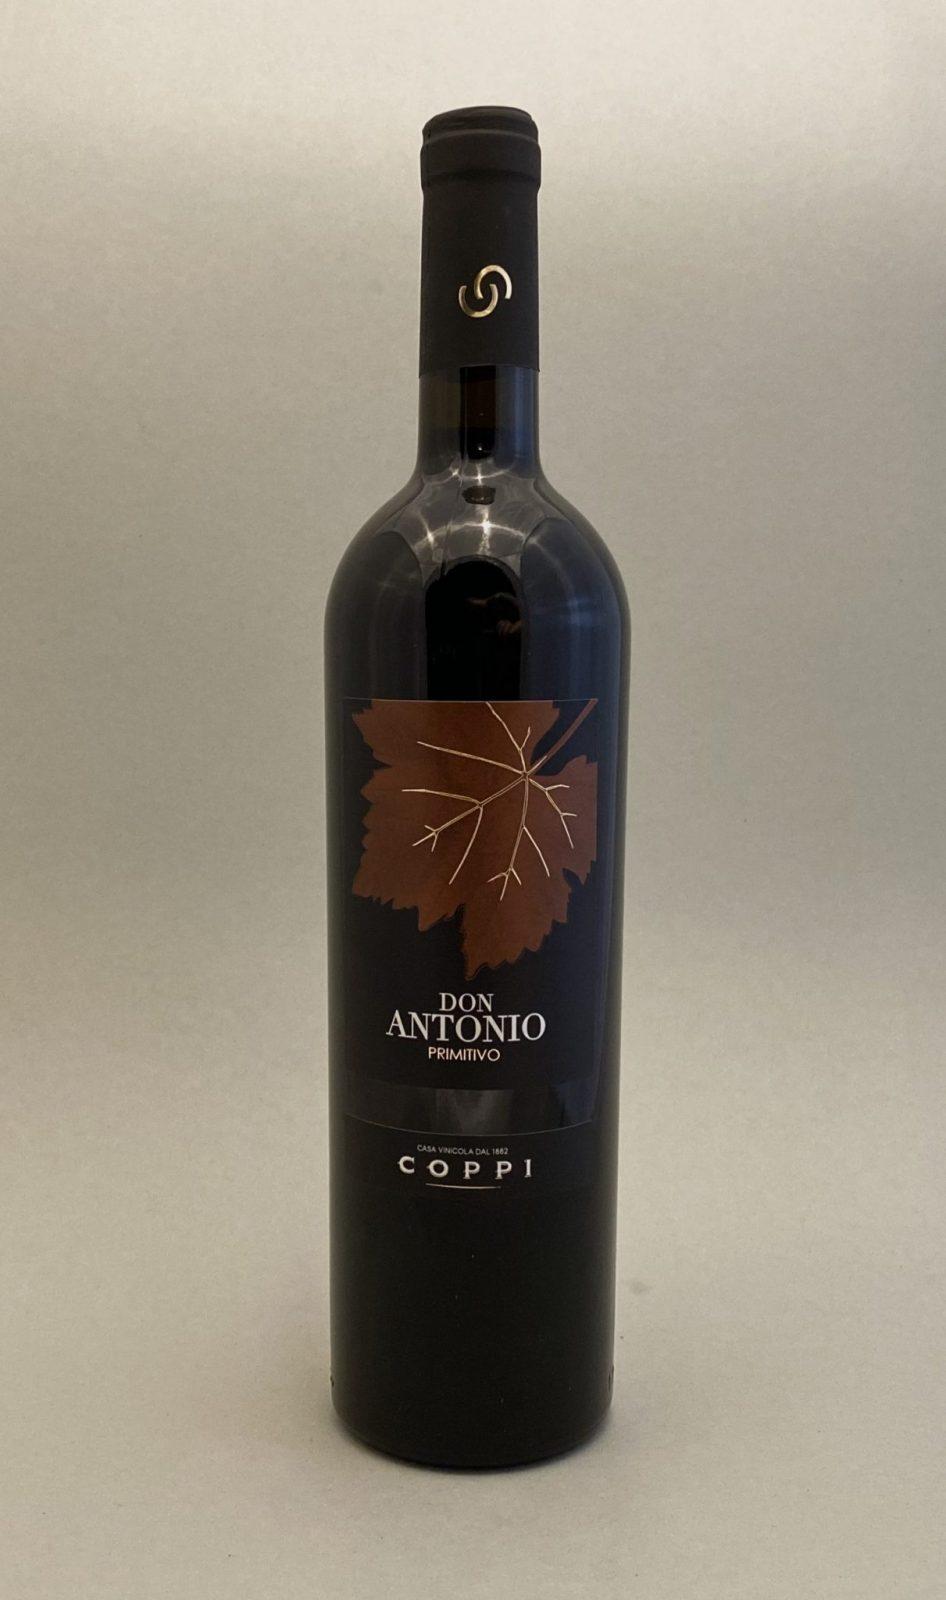 COPPI Don Antonia Primitivo, vinoteka Sunny wines slnecnice mesto, Bratislava petrzalka, vino červené z Talianska, rozvoz vín, eshop